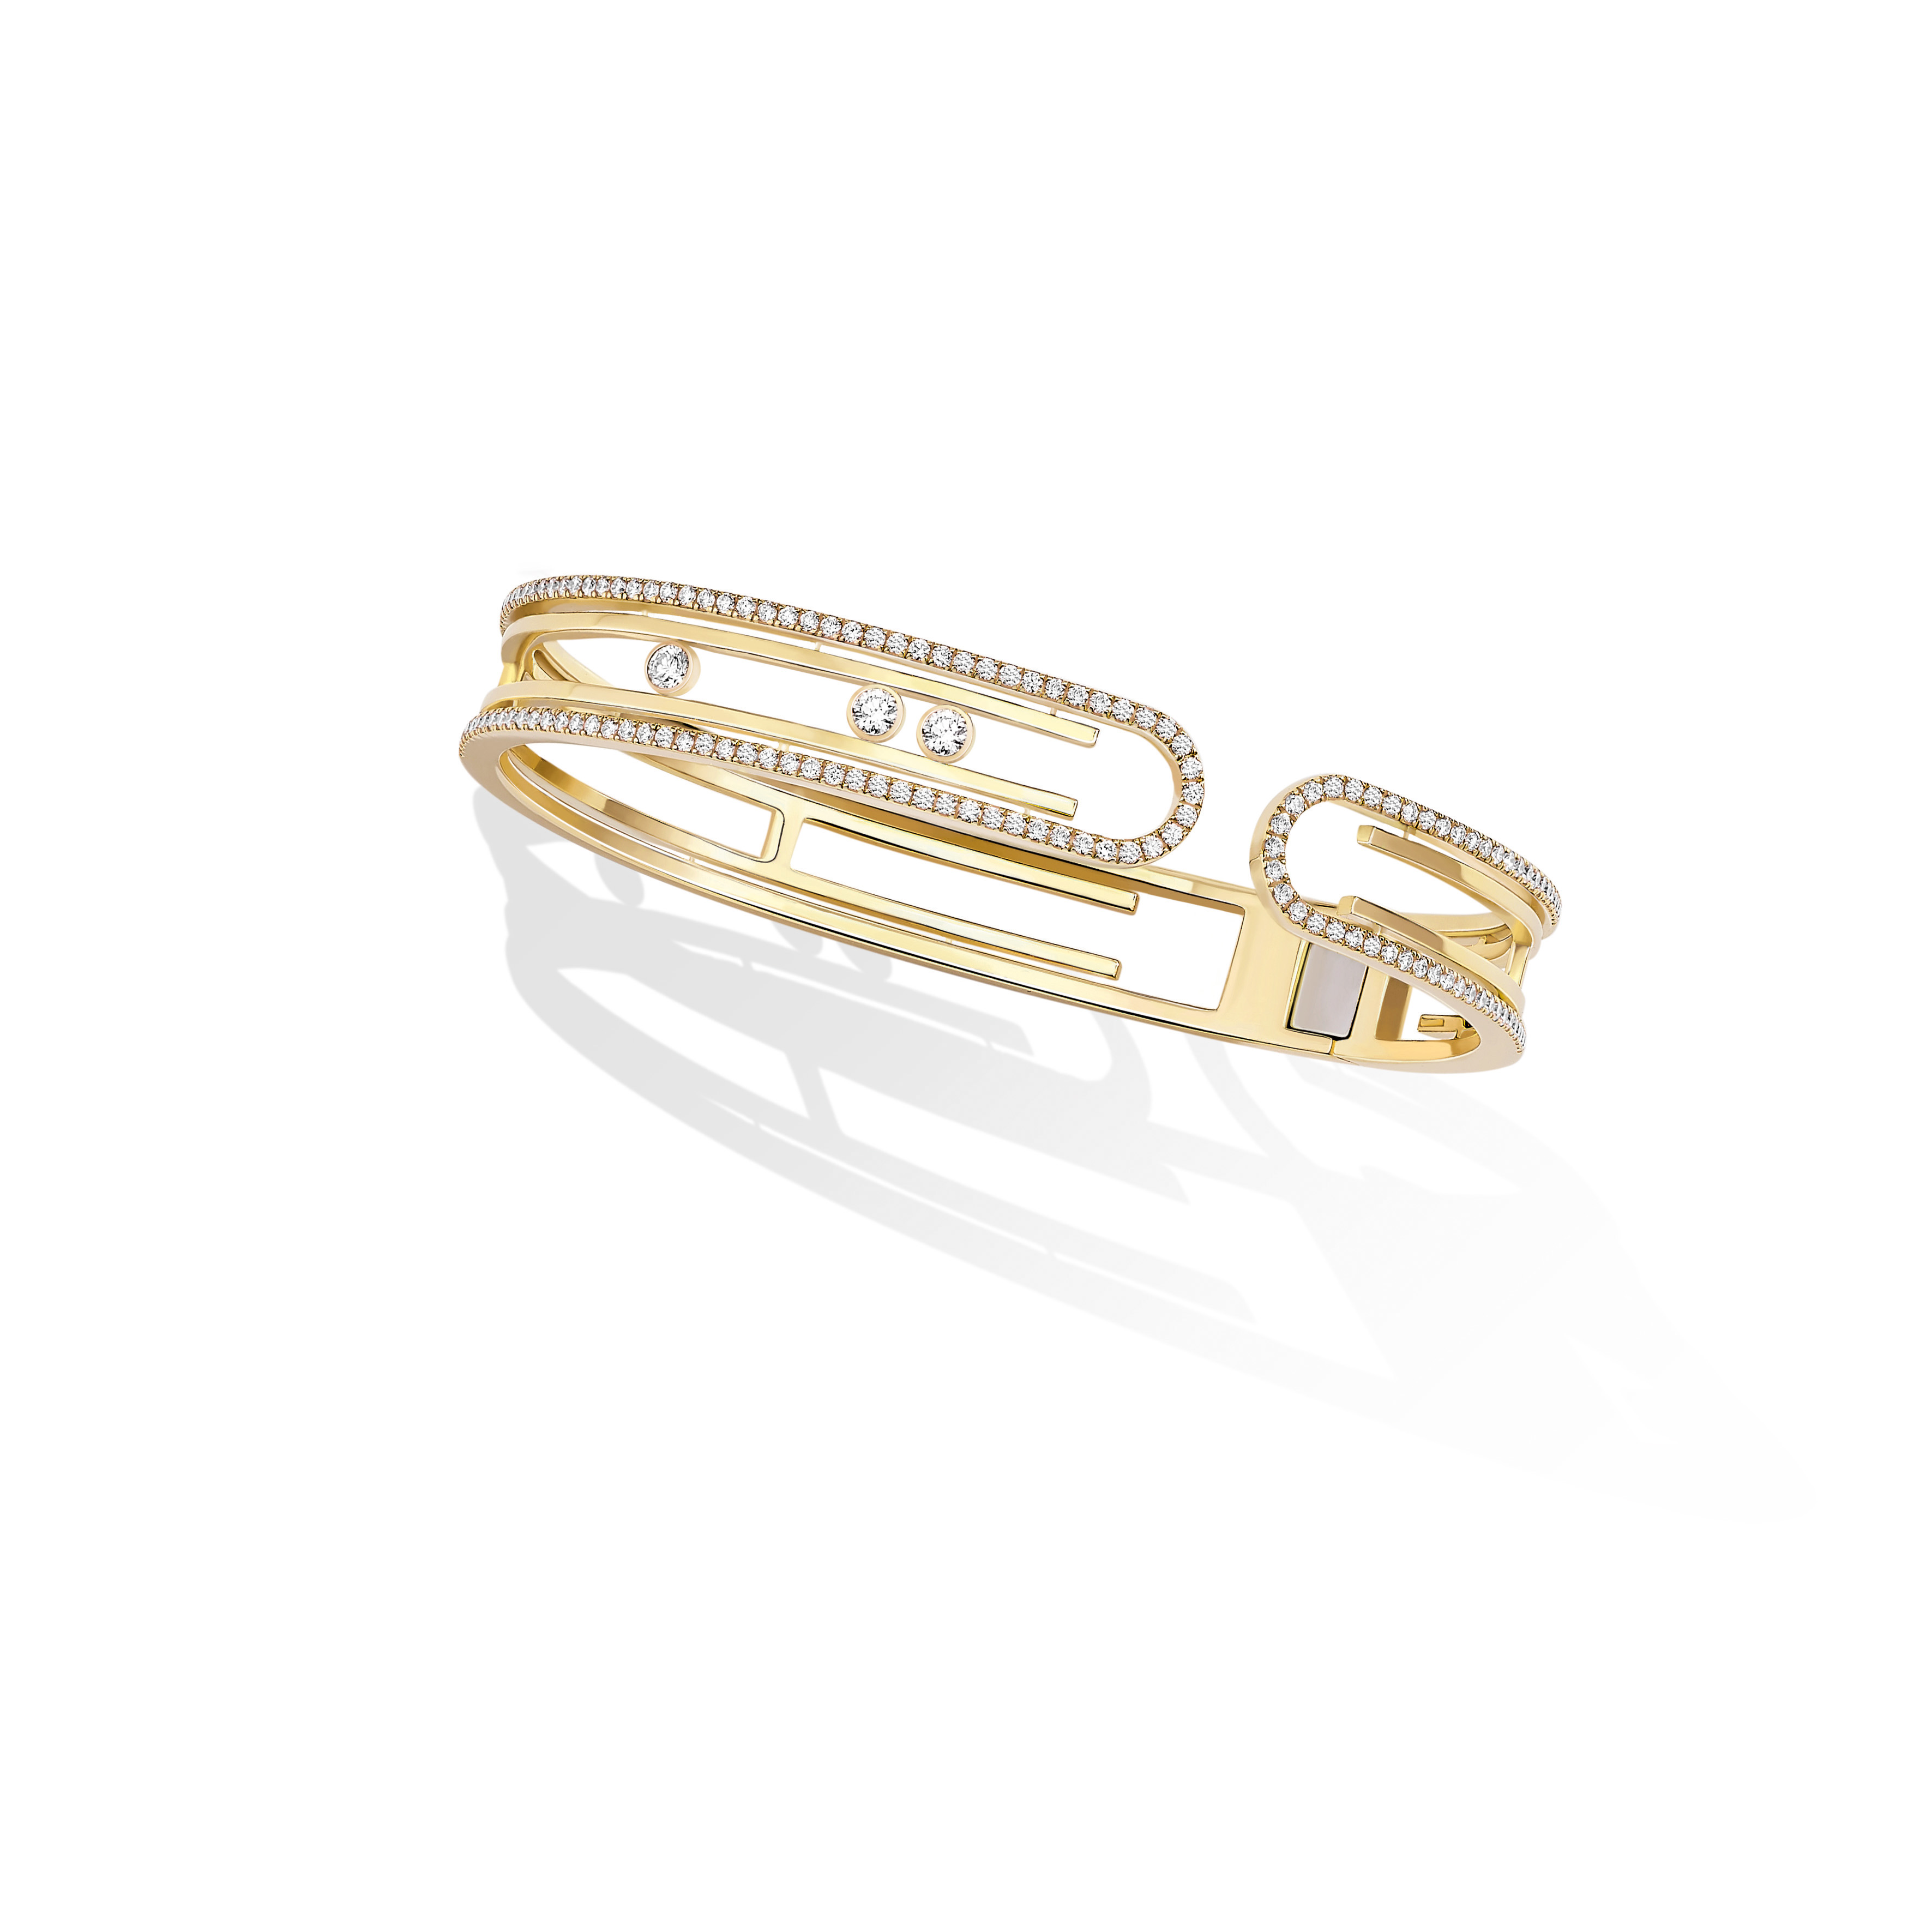 La marque de bijoux, et haute joaillerie, parisienne MESSIKA ouvre sa première boutique à Hong Kong